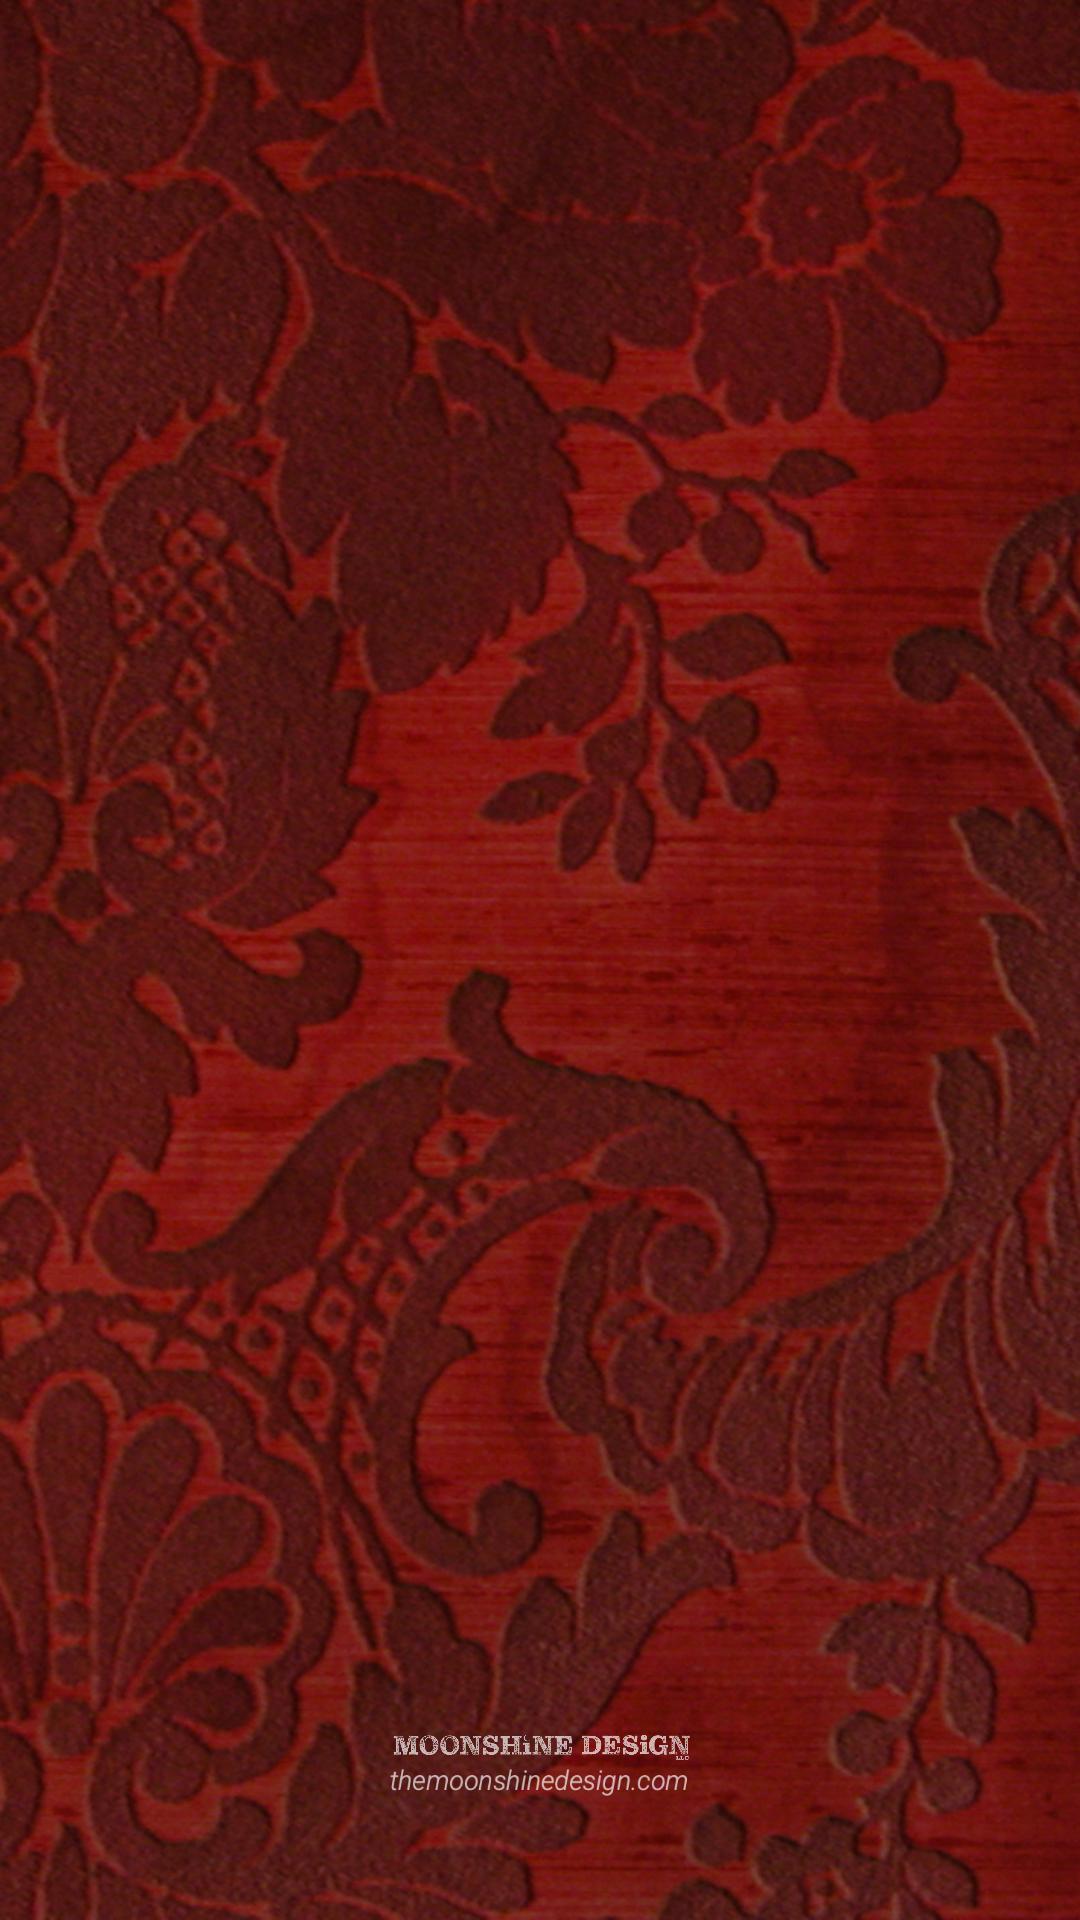 Moonshine Design Red Velvet Background